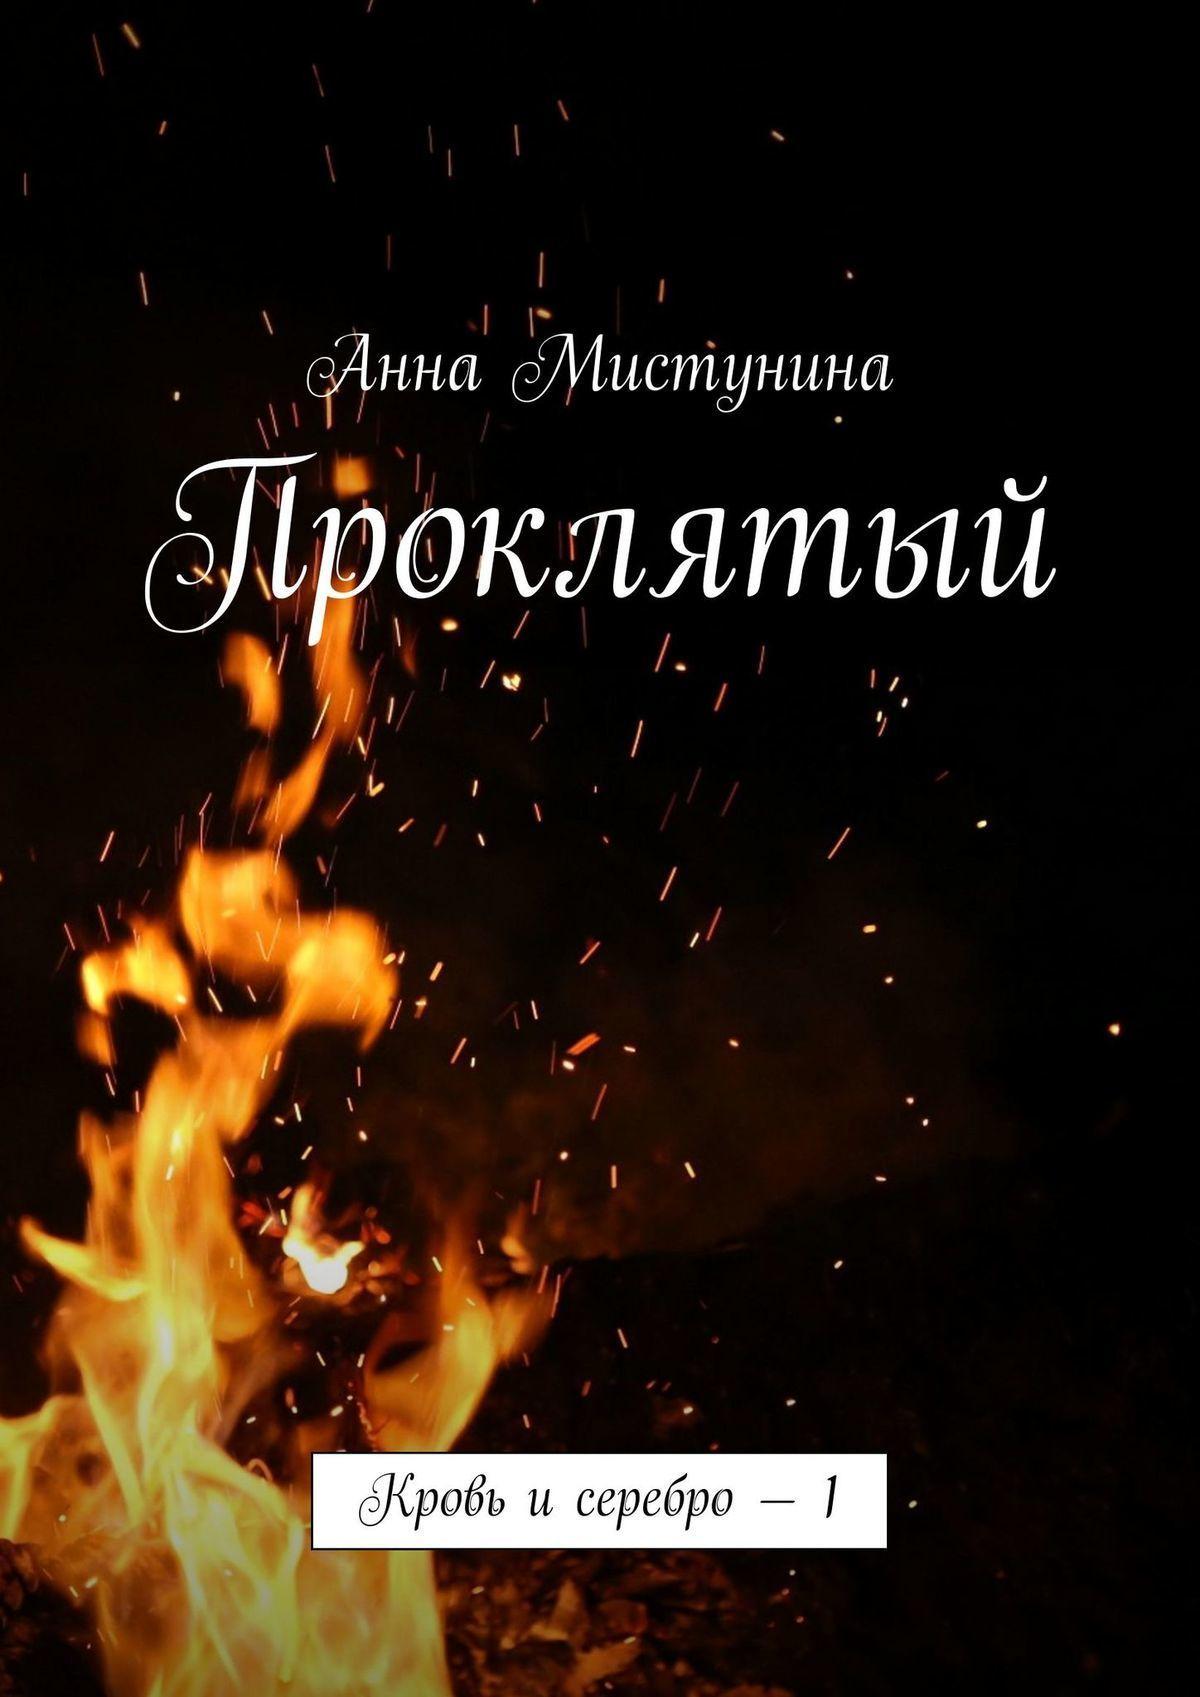 Анна Мистунина - Проклятый. Кровь исеребро– 1